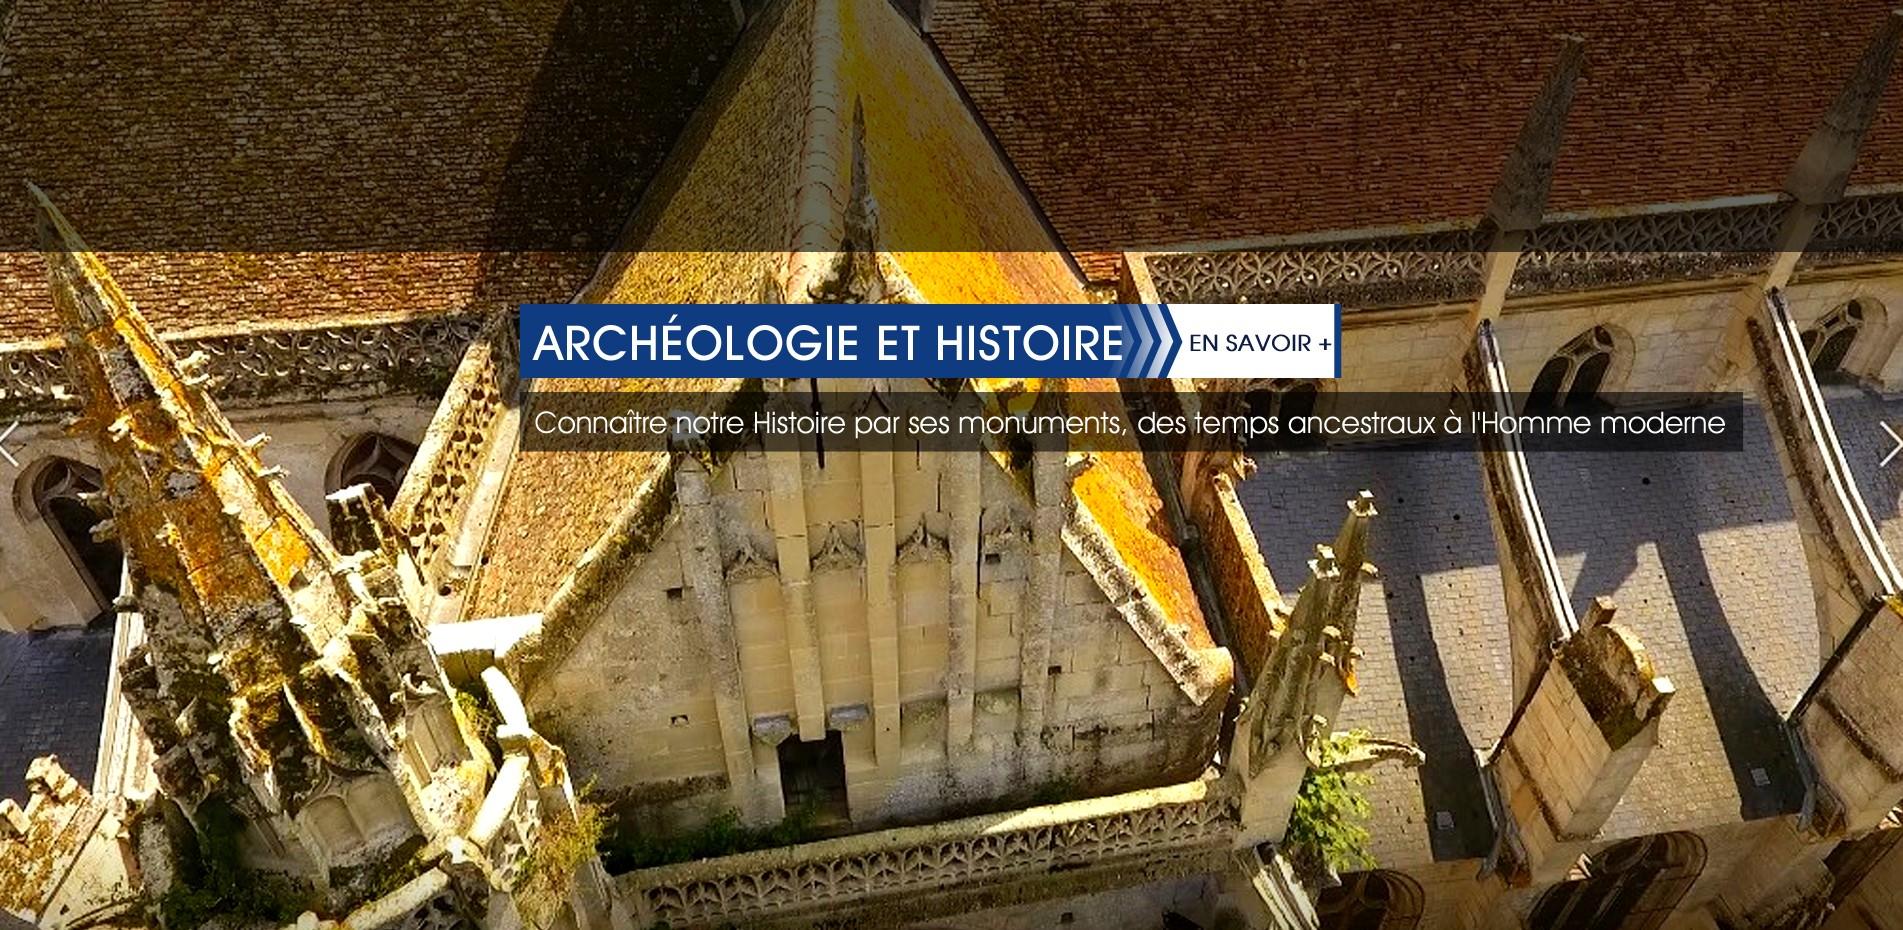 archeologie-et-histoire